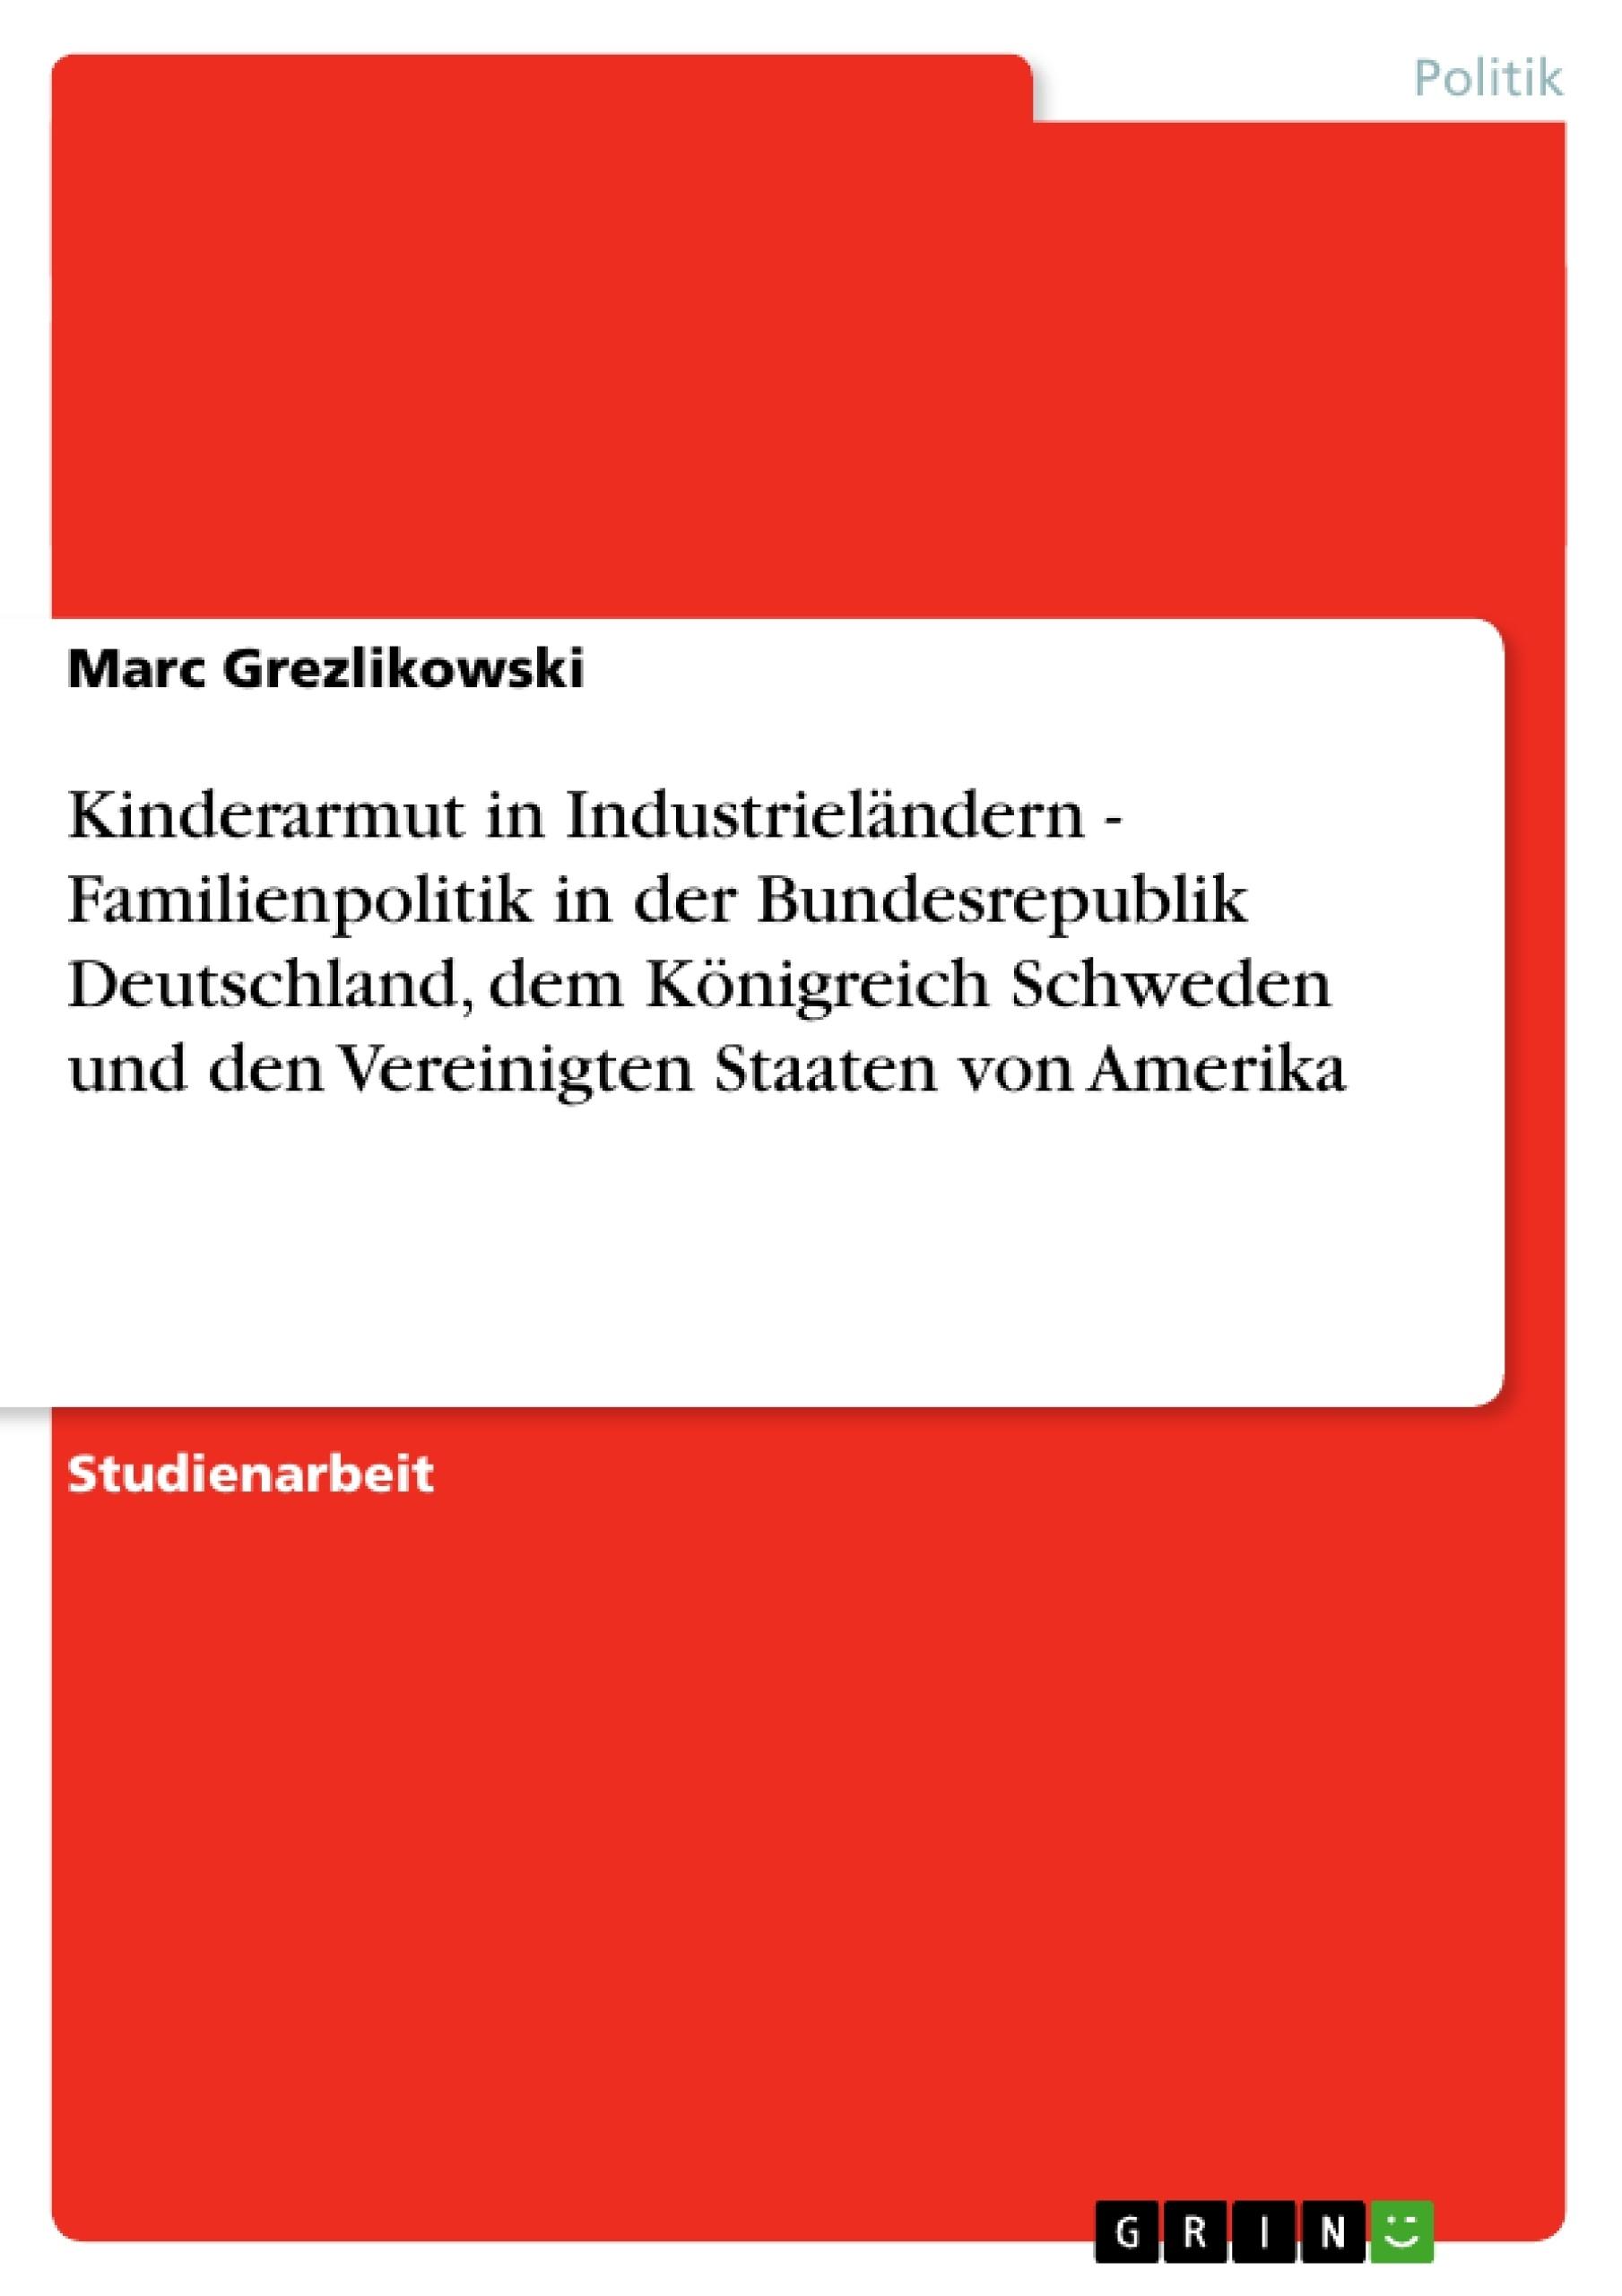 Titel: Kinderarmut in Industrieländern - Familienpolitik in der Bundesrepublik Deutschland, dem Königreich Schweden und den Vereinigten Staaten von Amerika